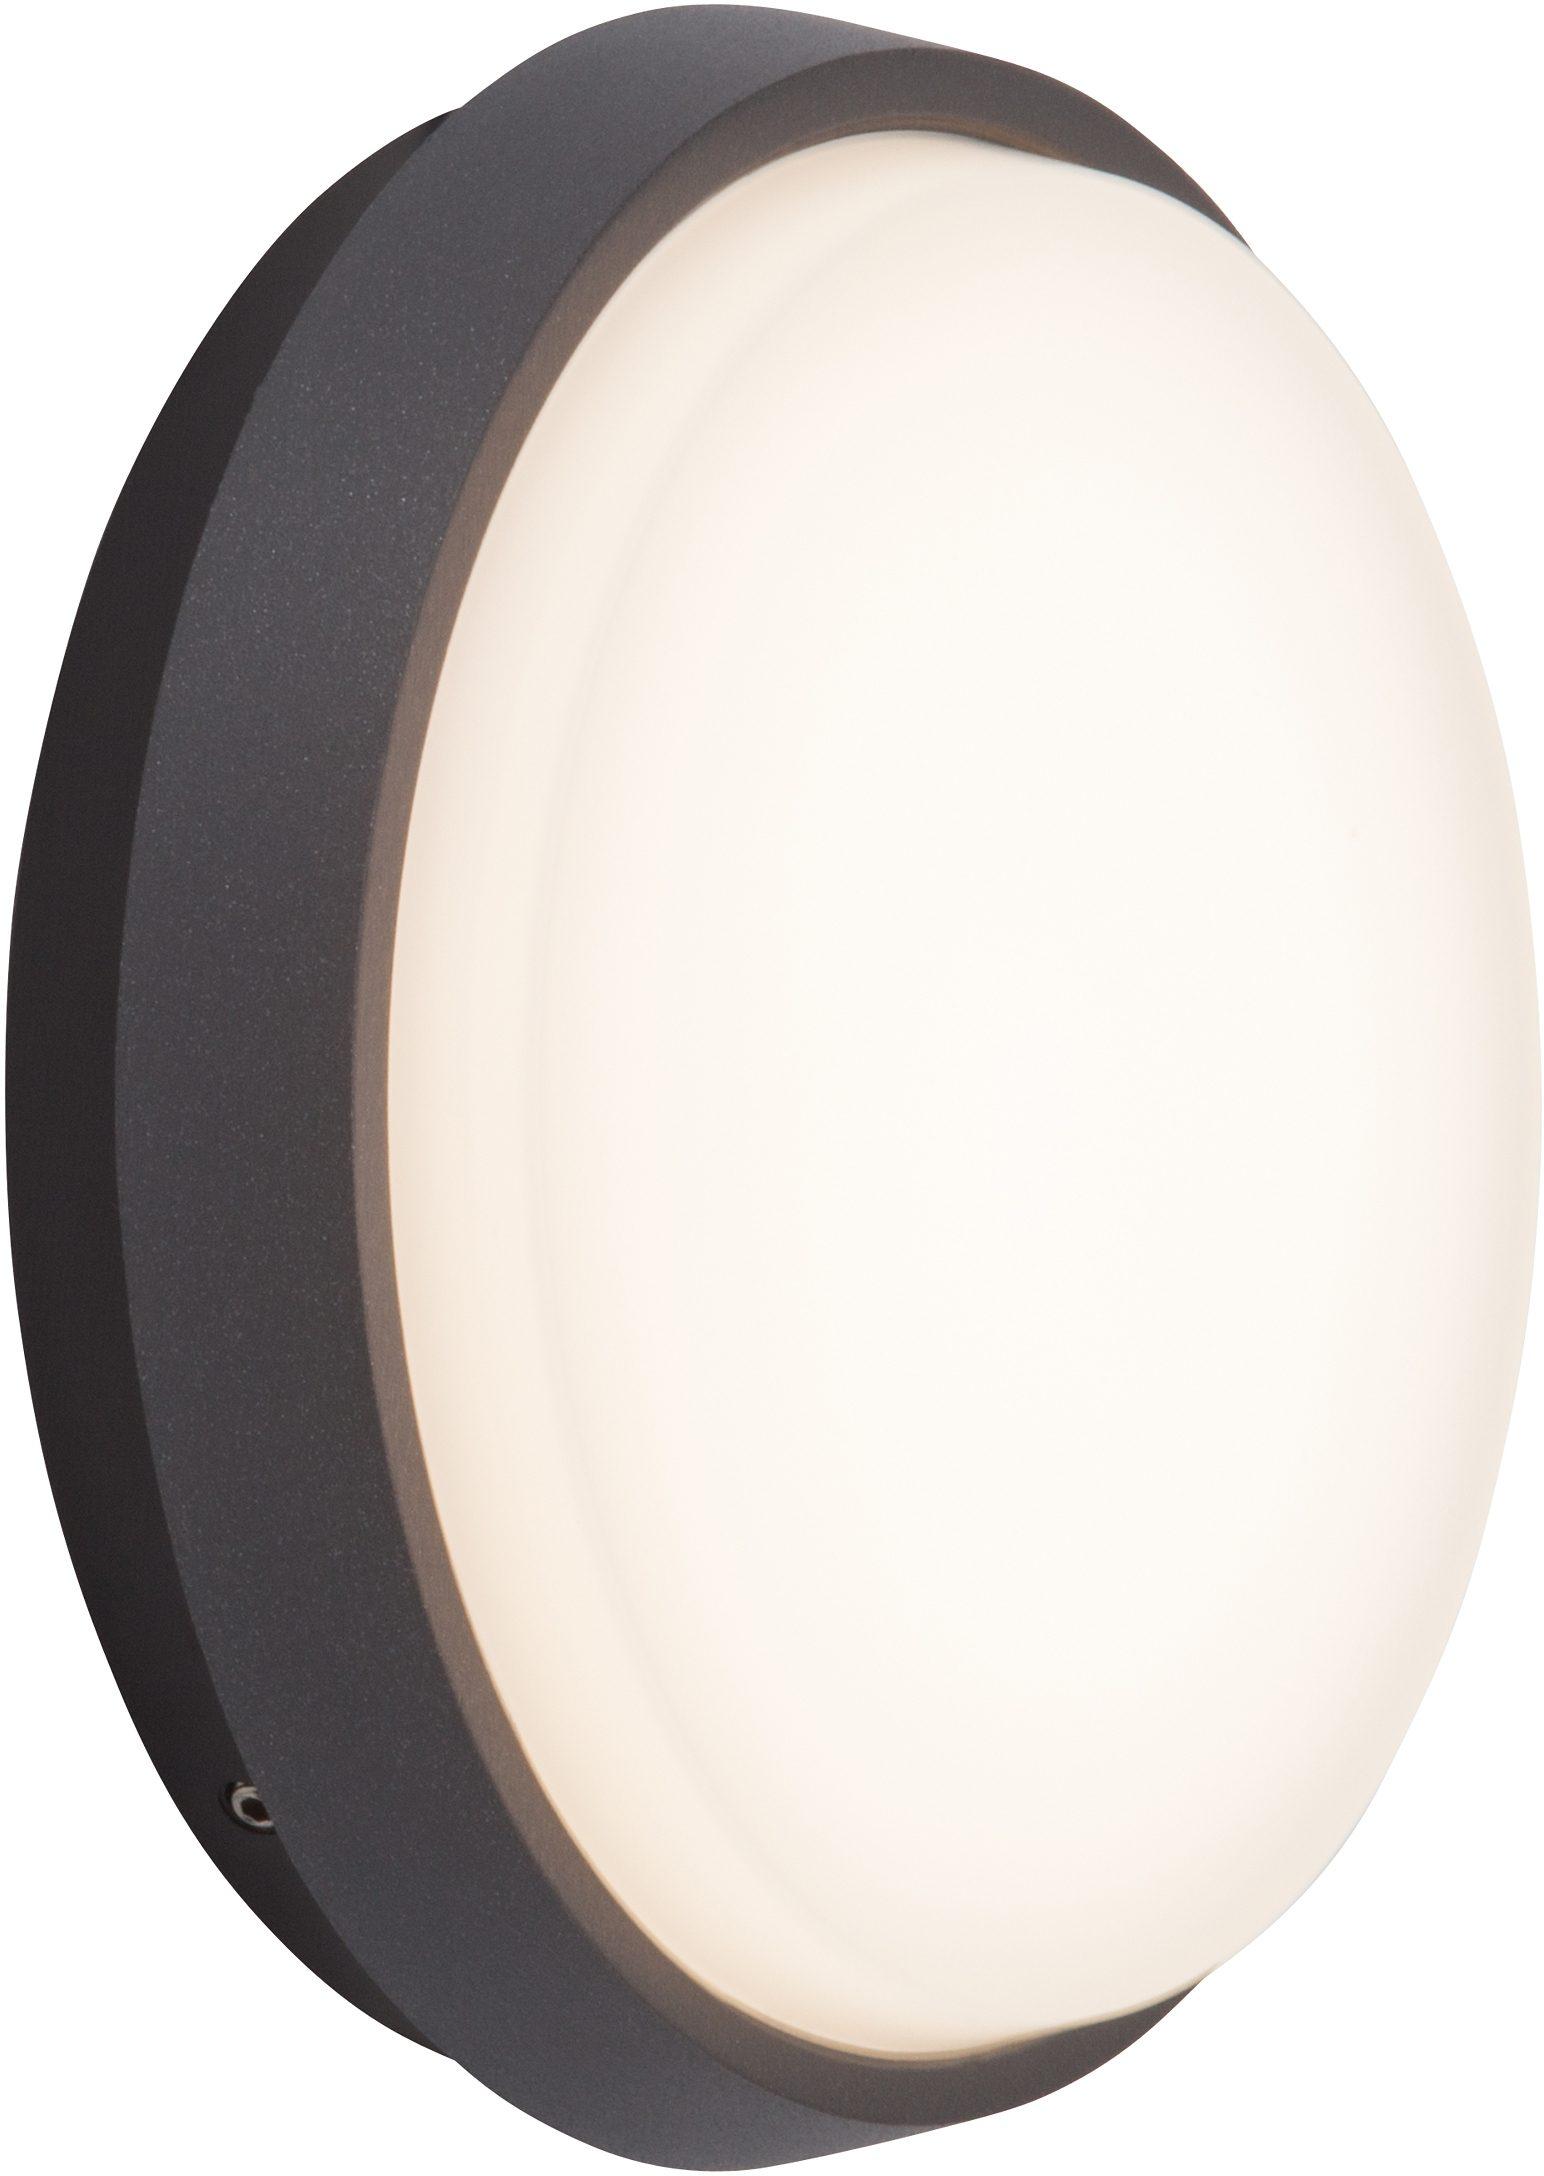 AEG Leuchten LED Außen-Wandleuchte »LETAN ROUND«, 1-flammig